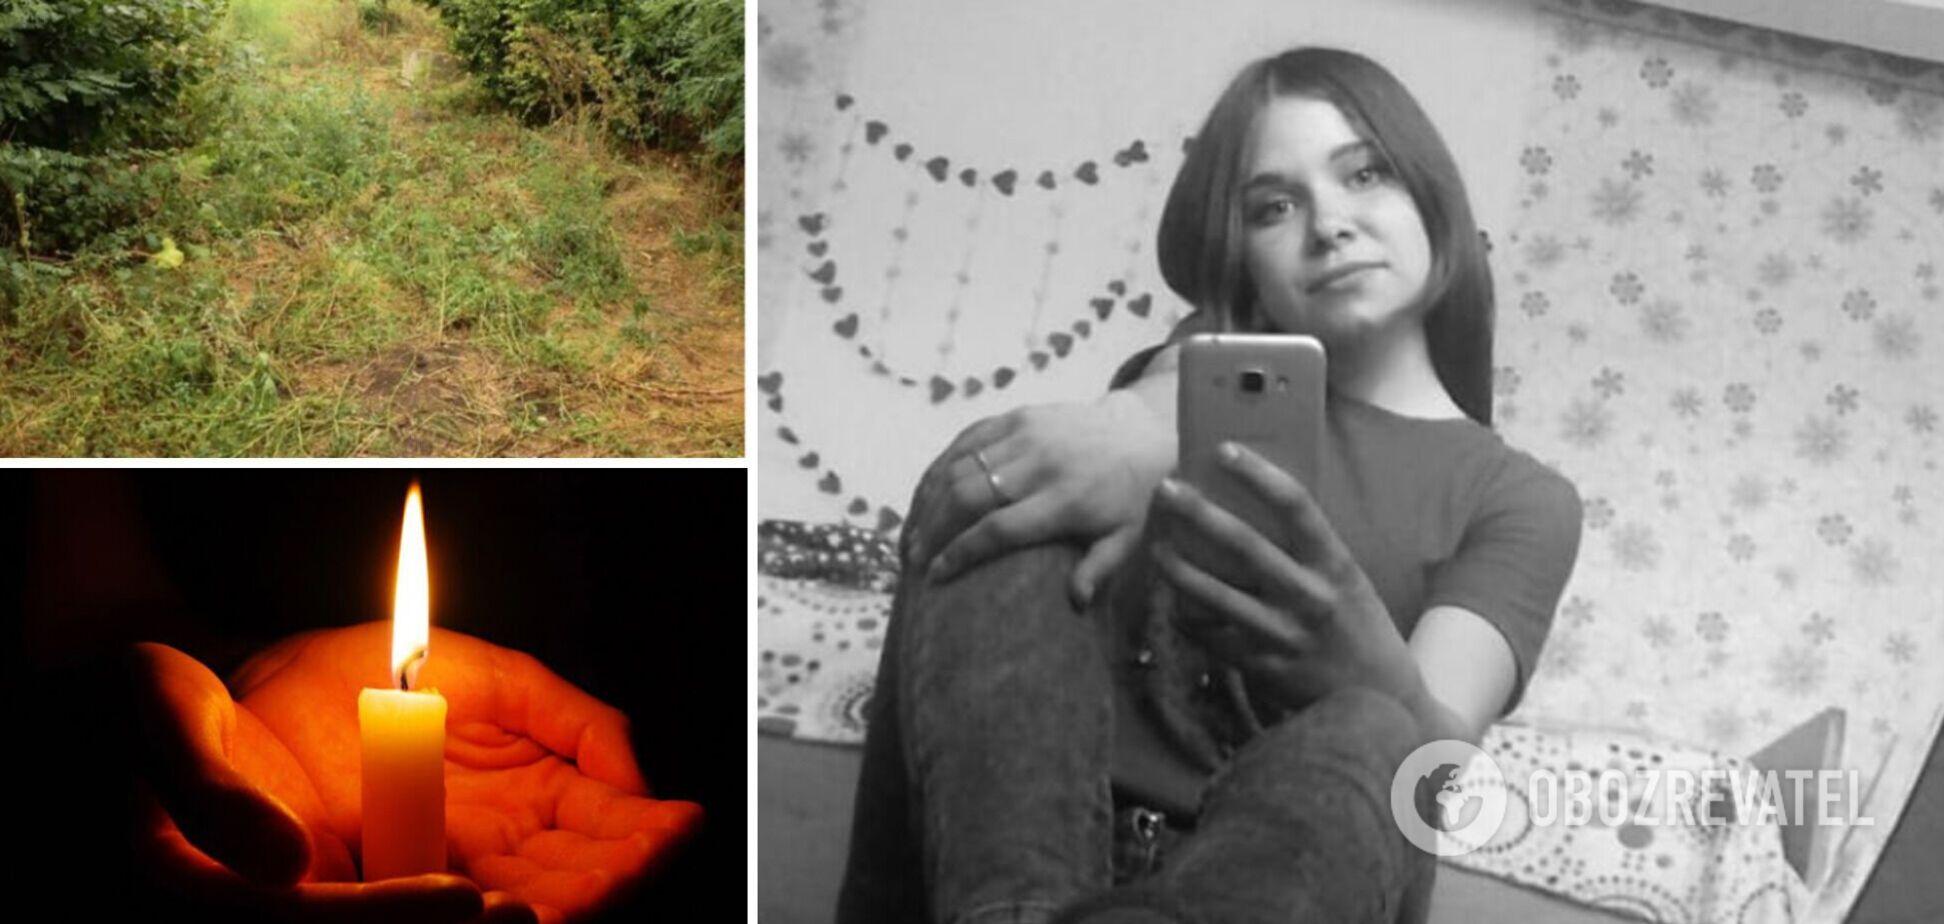 Тіло зниклої на Кіровоградщині дівчини знайшли в колодязі, затримано її колишнього хлопця: подробиці